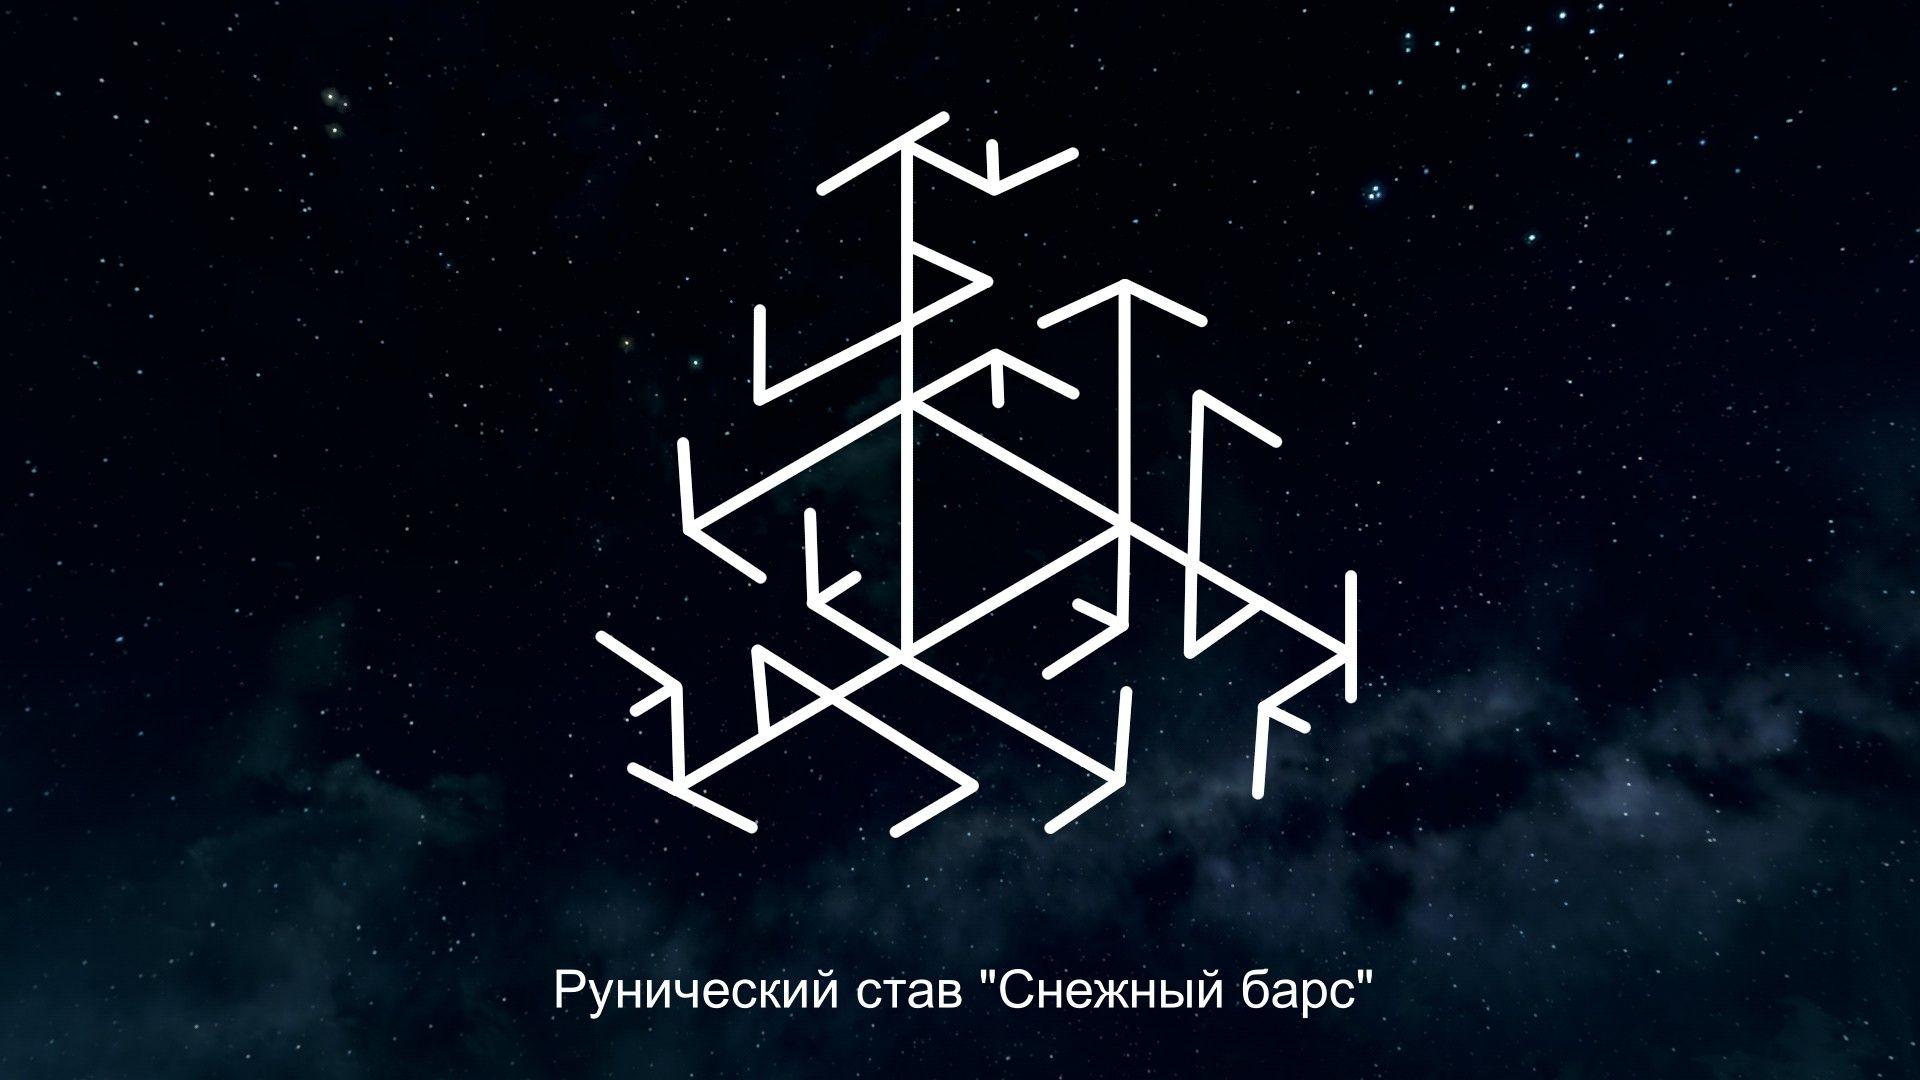 Рунический став Снежный барс